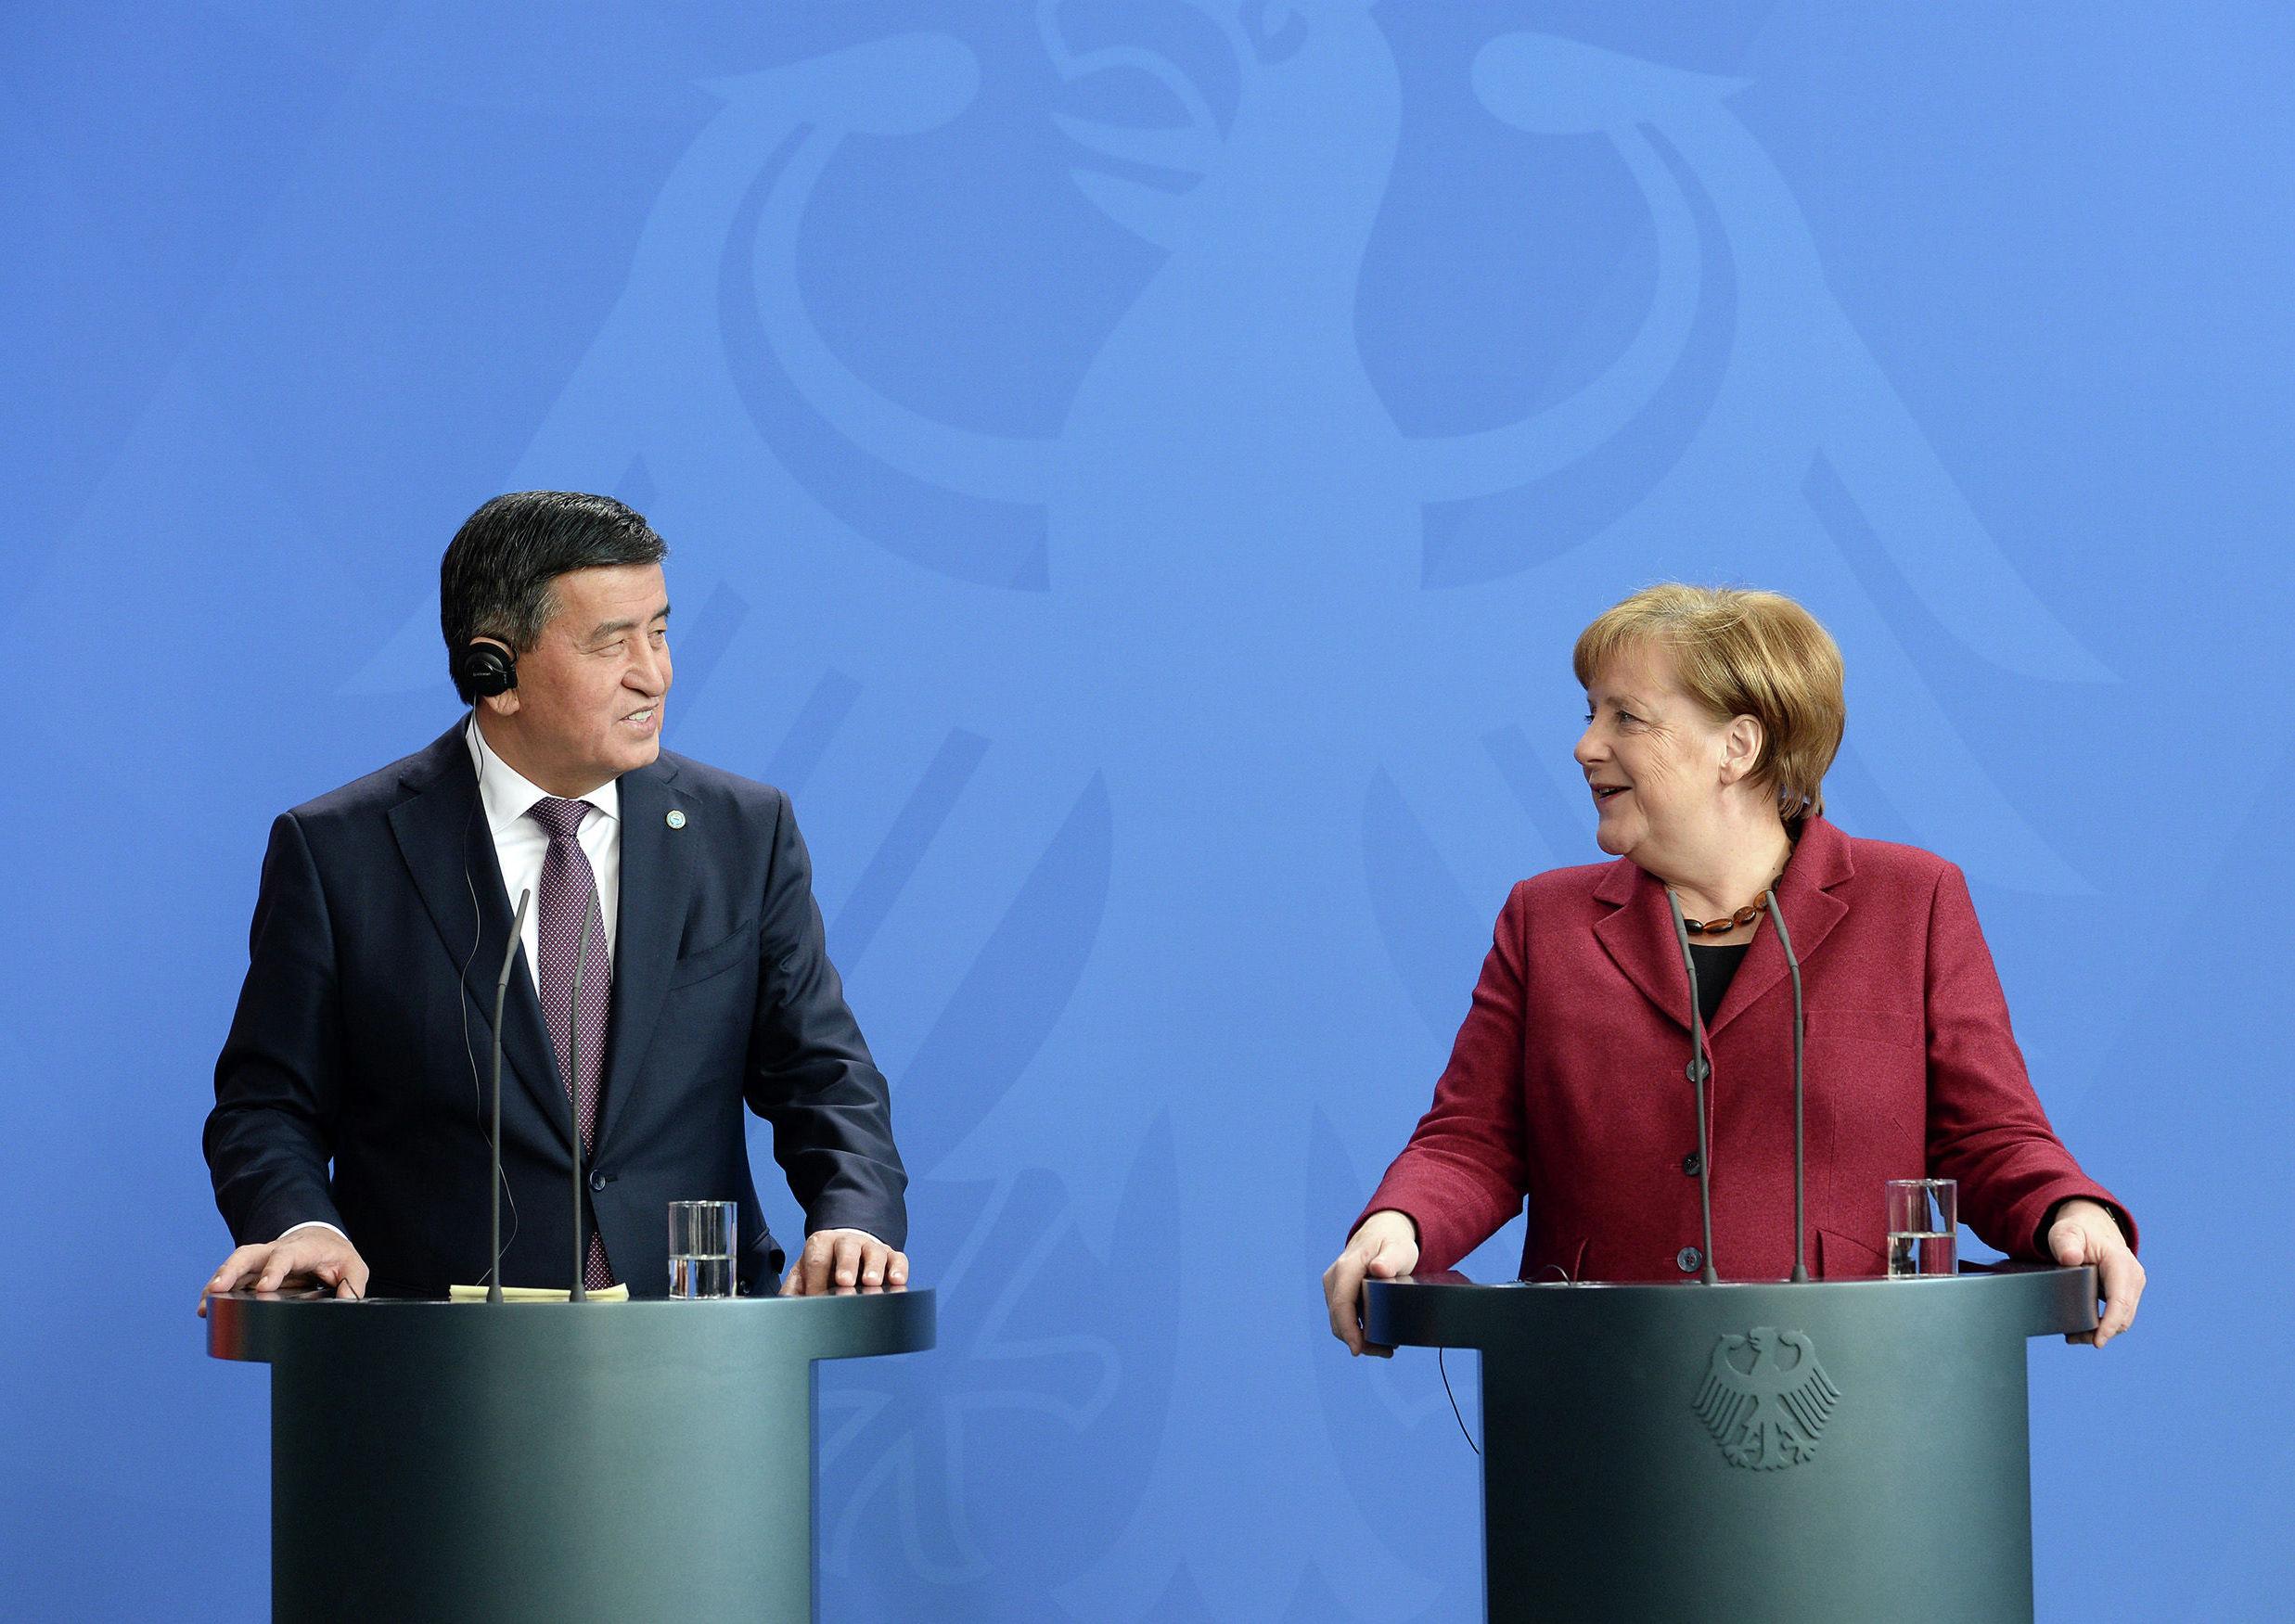 Президент Кыргызской Республики Сооронбай Жээнбеков в рамках официального визита в Германию, встретился с Федеральным канцлером Федеративной Республики Германия Ангелой Меркель